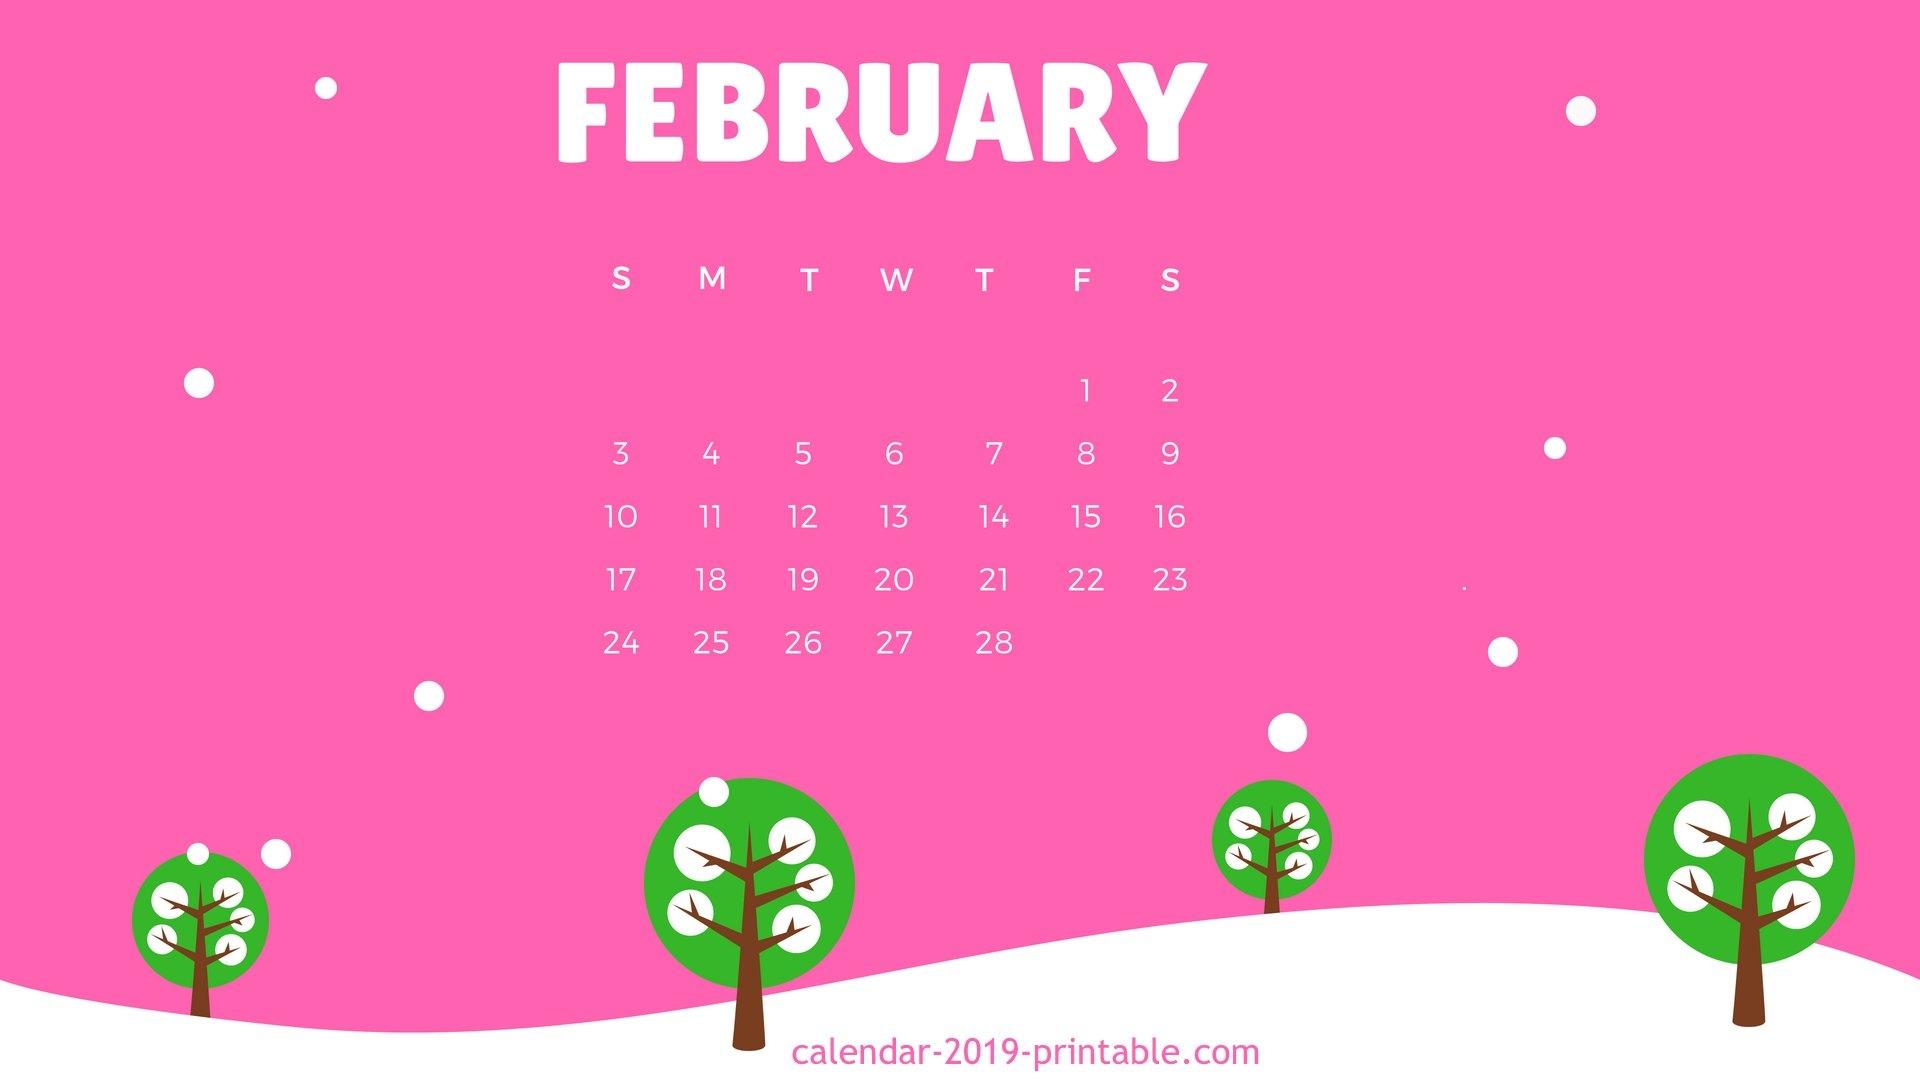 february 2019 calendar desktop wallpapers calendar 2019 printable::February 2019 Desktop Calendar